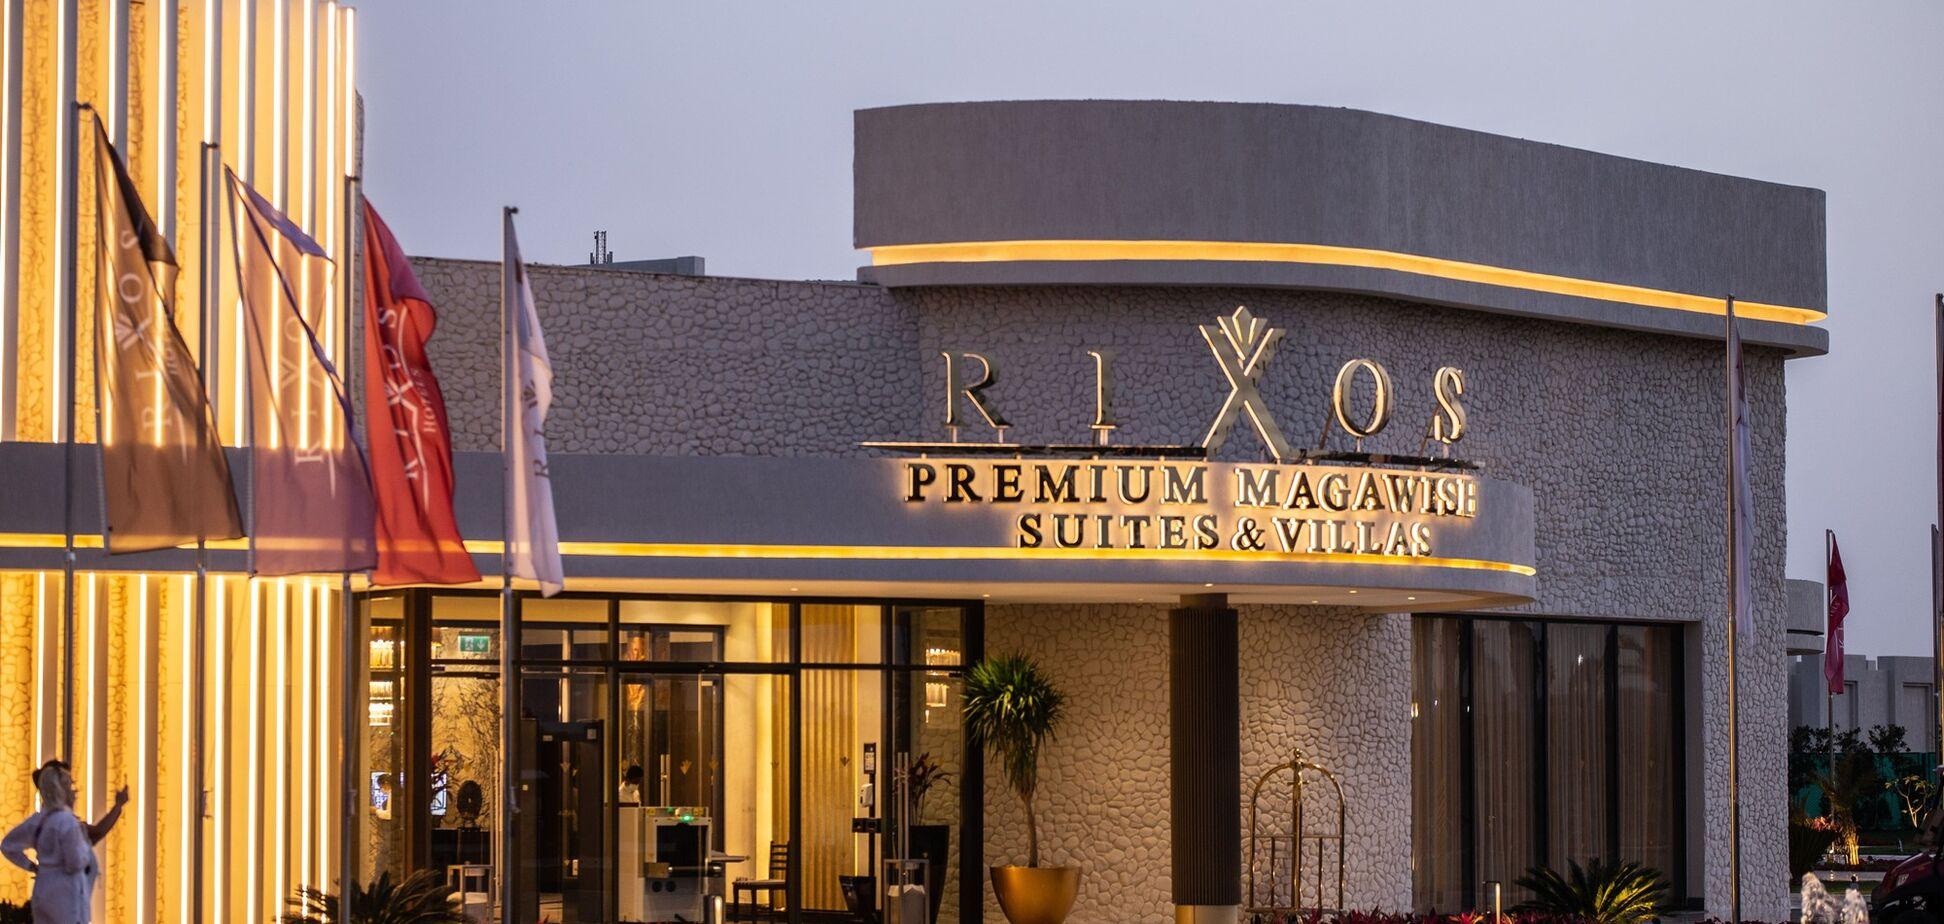 Украинские звезды отгуляли незабываемые весенние каникулы в роскошном Rixos Premium Magawish Suites & Villas 5*: как это было. Фото